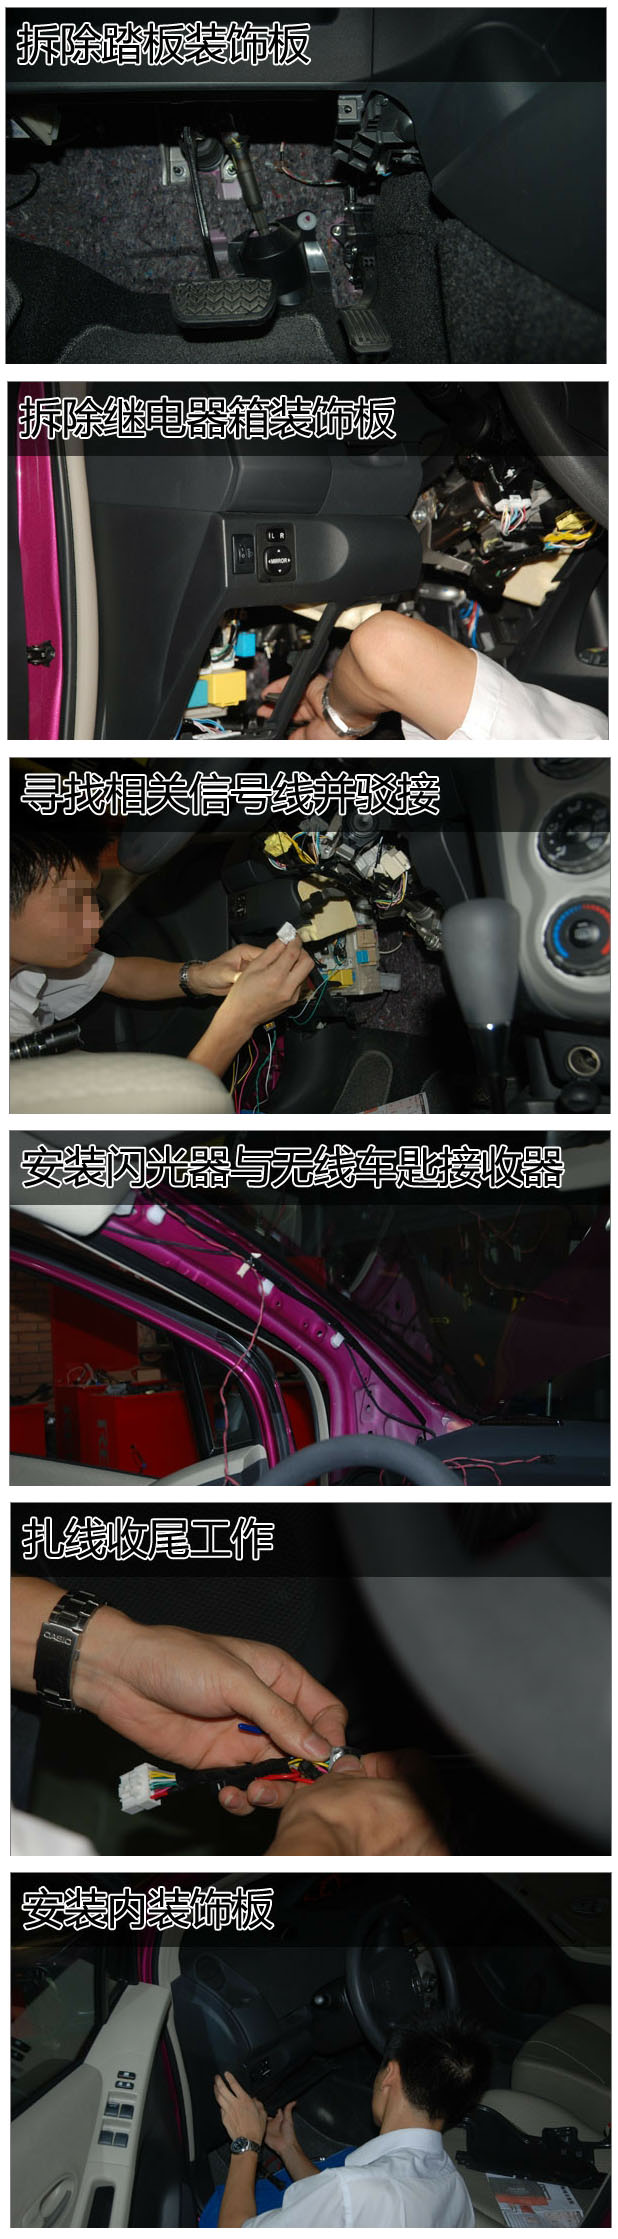 全车防盗加装 铁将军6022-上海普吉汽车服务有限公司